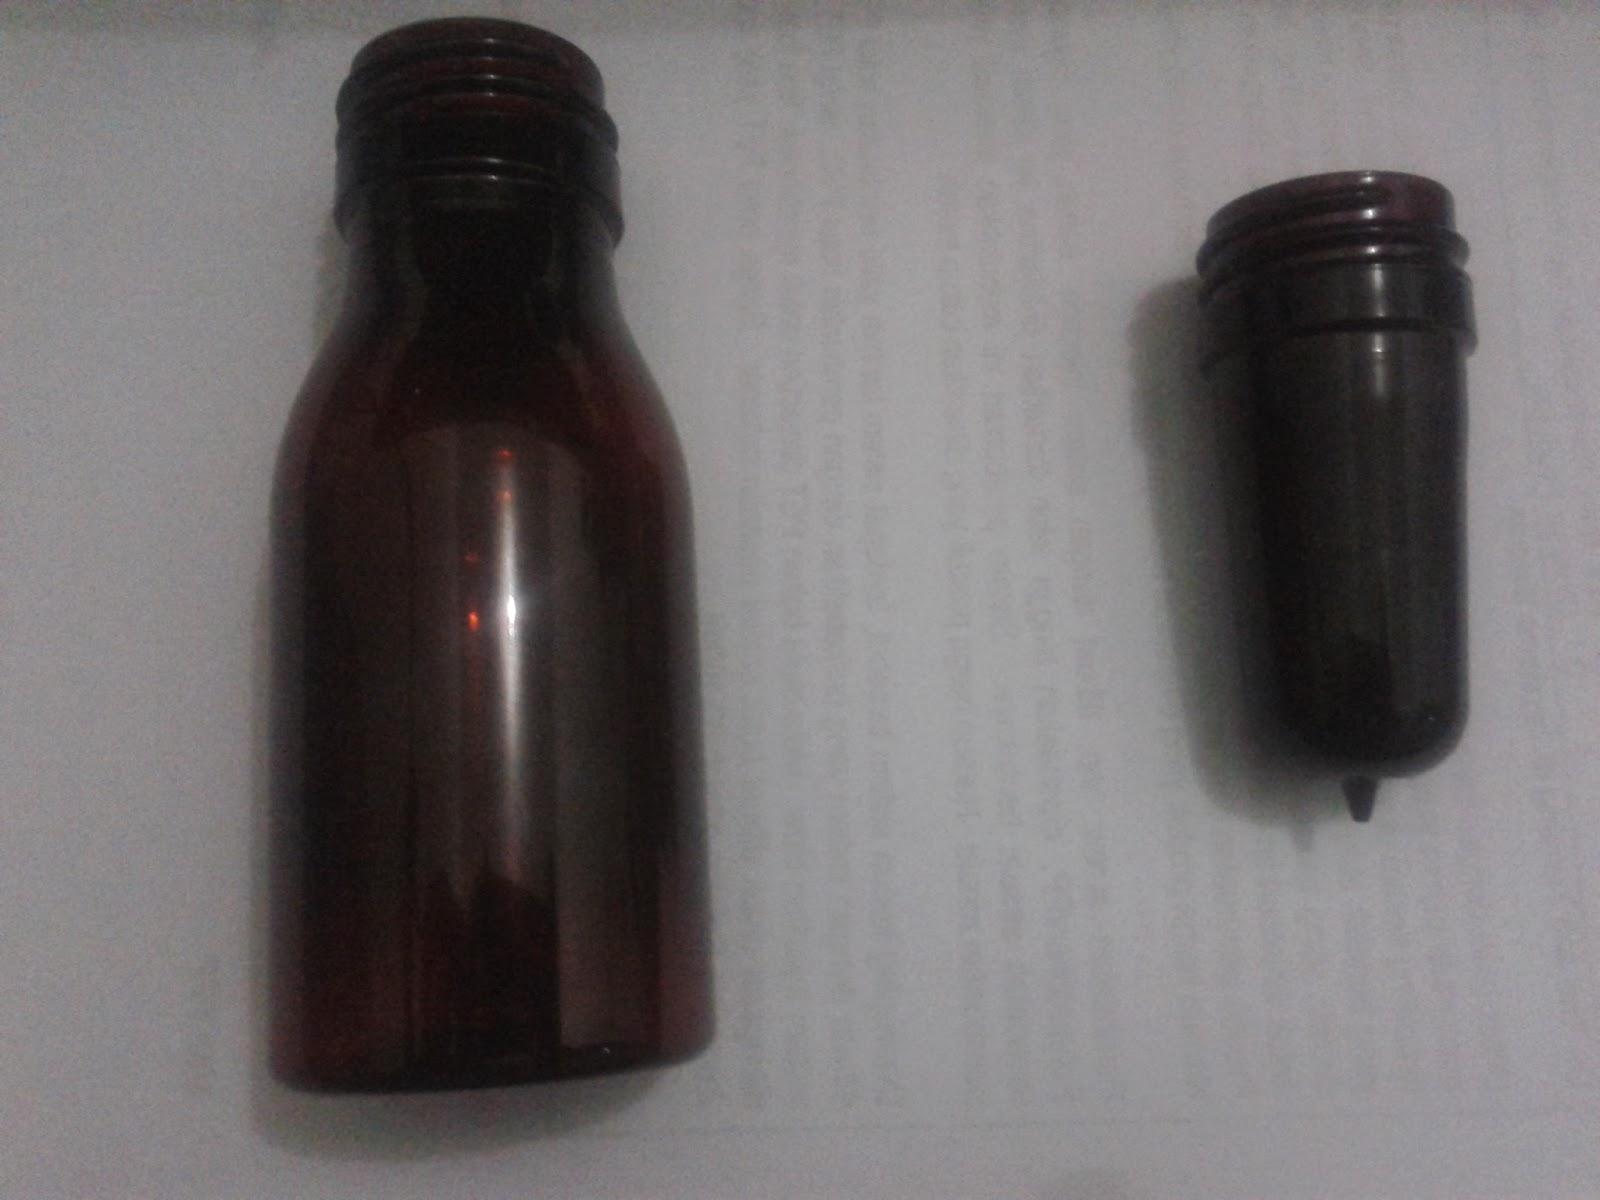 Proses Pembuatan Botol Plastik Wahyu Plasinddo Wa 0821 1364 5446 Ps 250 Untuk Produksi Hdpe Prinsipnya Sama Dengan Pet Hanya Saja Dalam Satu Sedangkan Dua Biji Plastic Yang